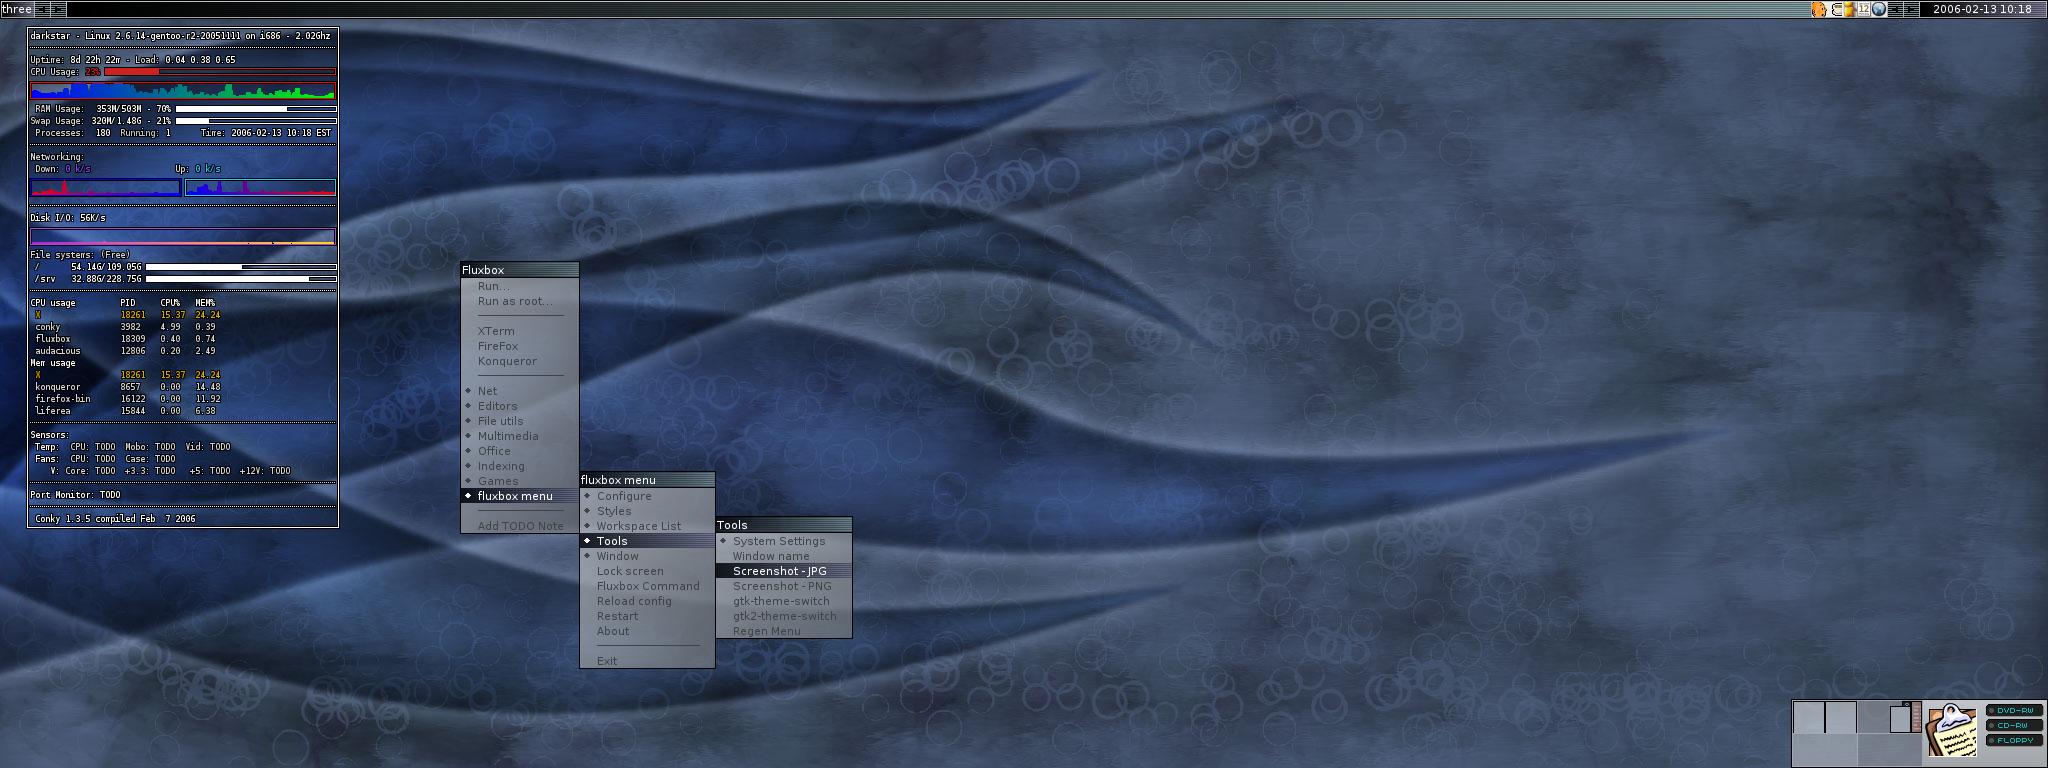 My old Fluxbox desktop